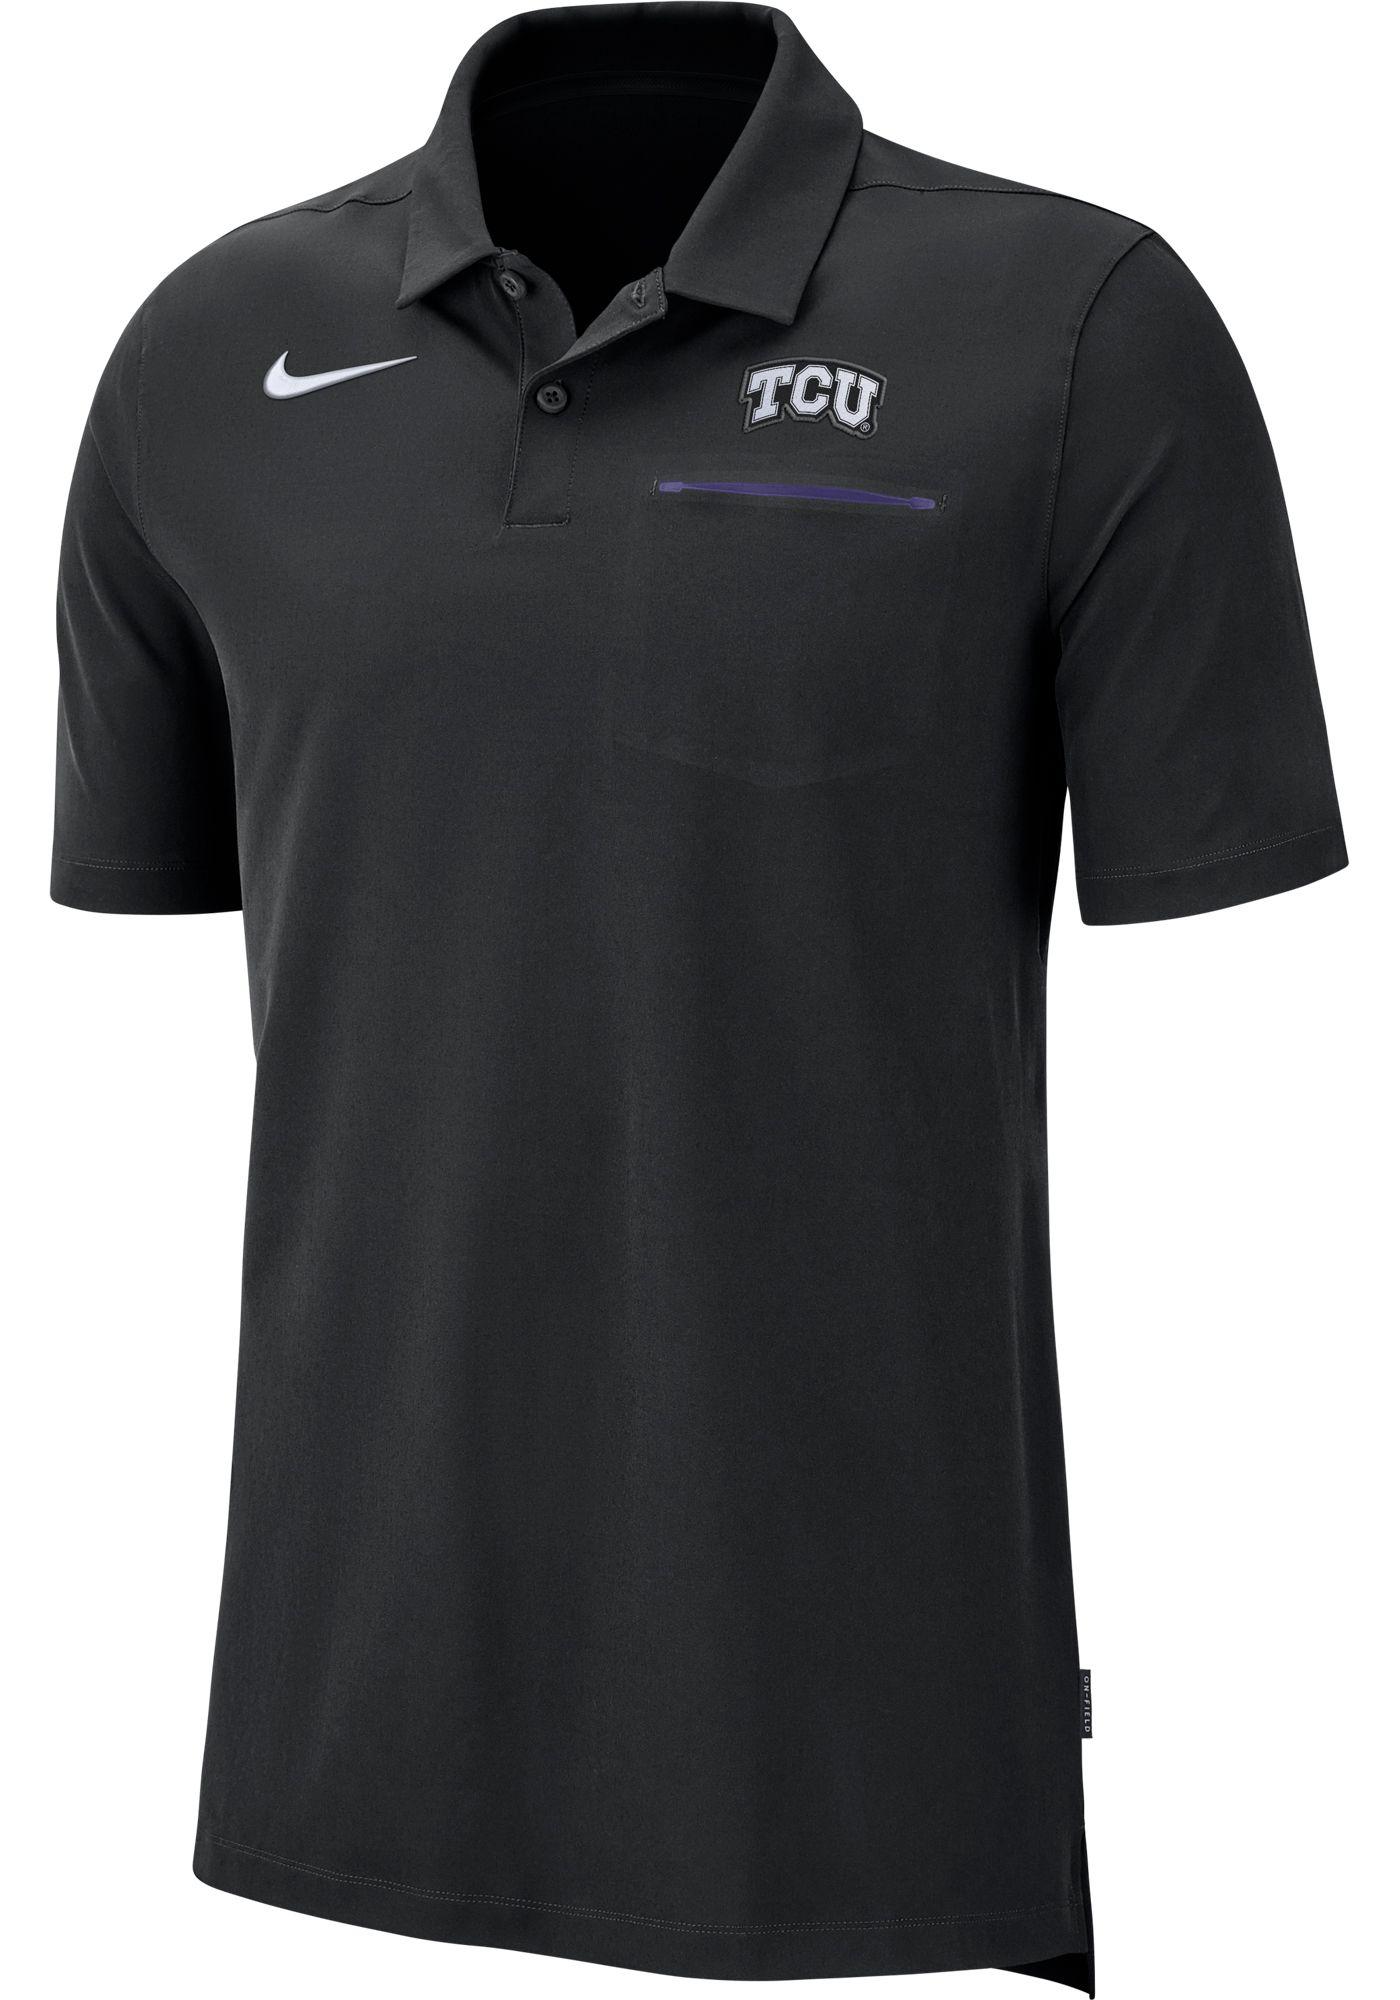 Nike Men's TCU Horned Frogs Purple Dri-FIT Elite Football Sideline Polo